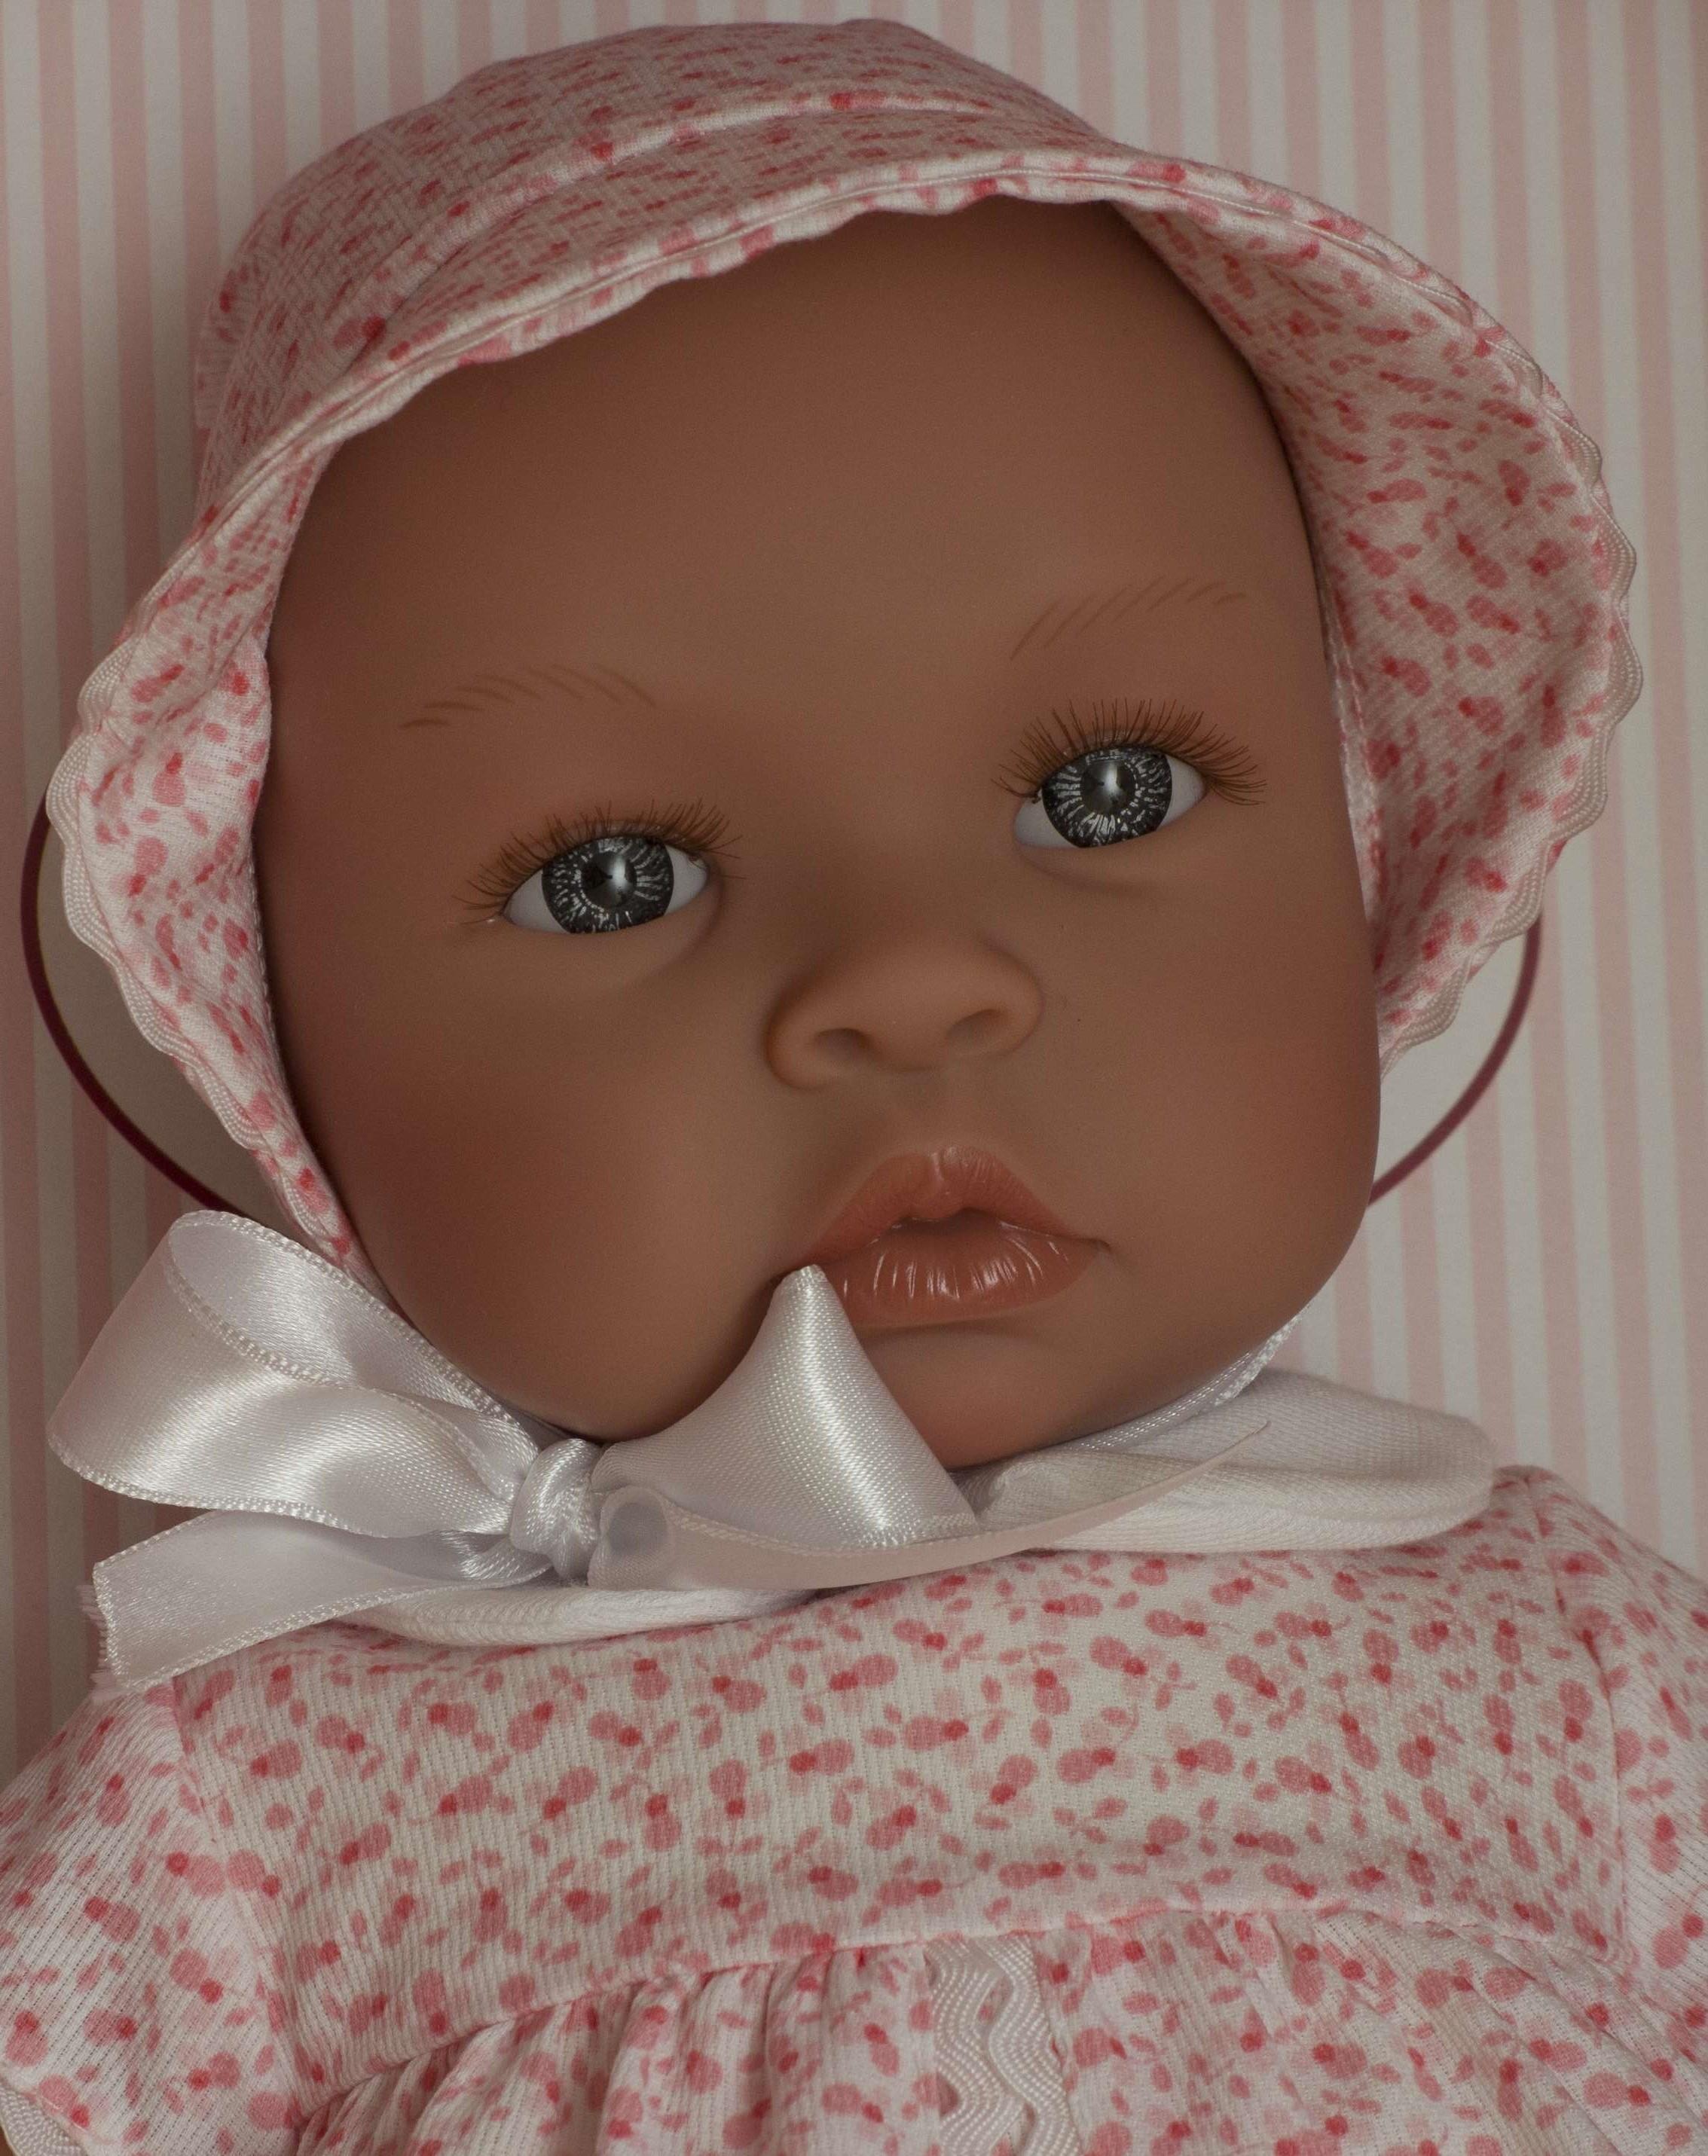 Realistické miminko - Lea - letní šaty do růžova- od firmy ASIVIL ze Španělska